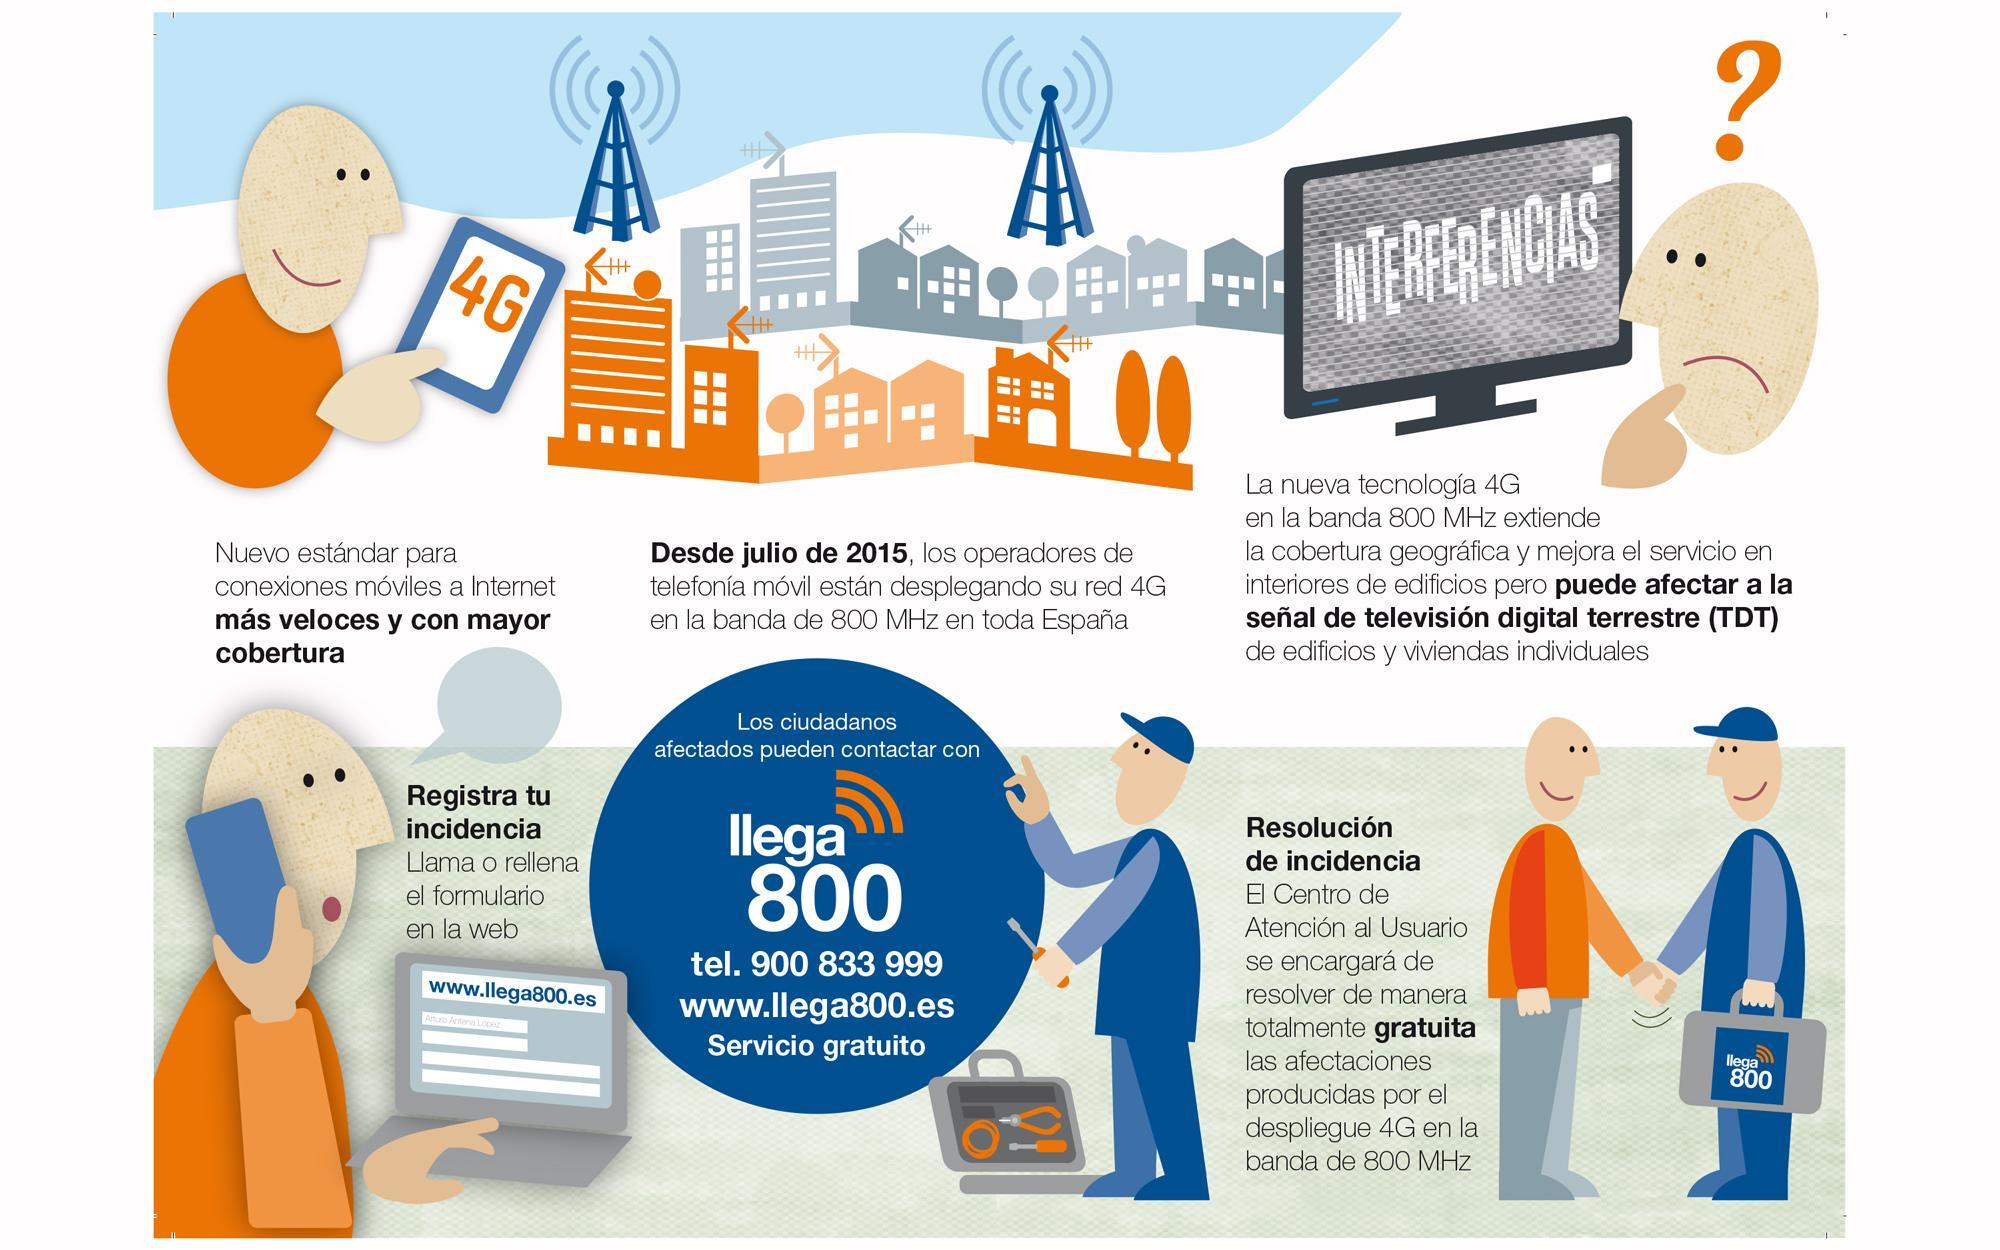 Santa Pola dispone de un teléfono gratuito para gestionar las afecciones en la señal de televisión digital terrestre